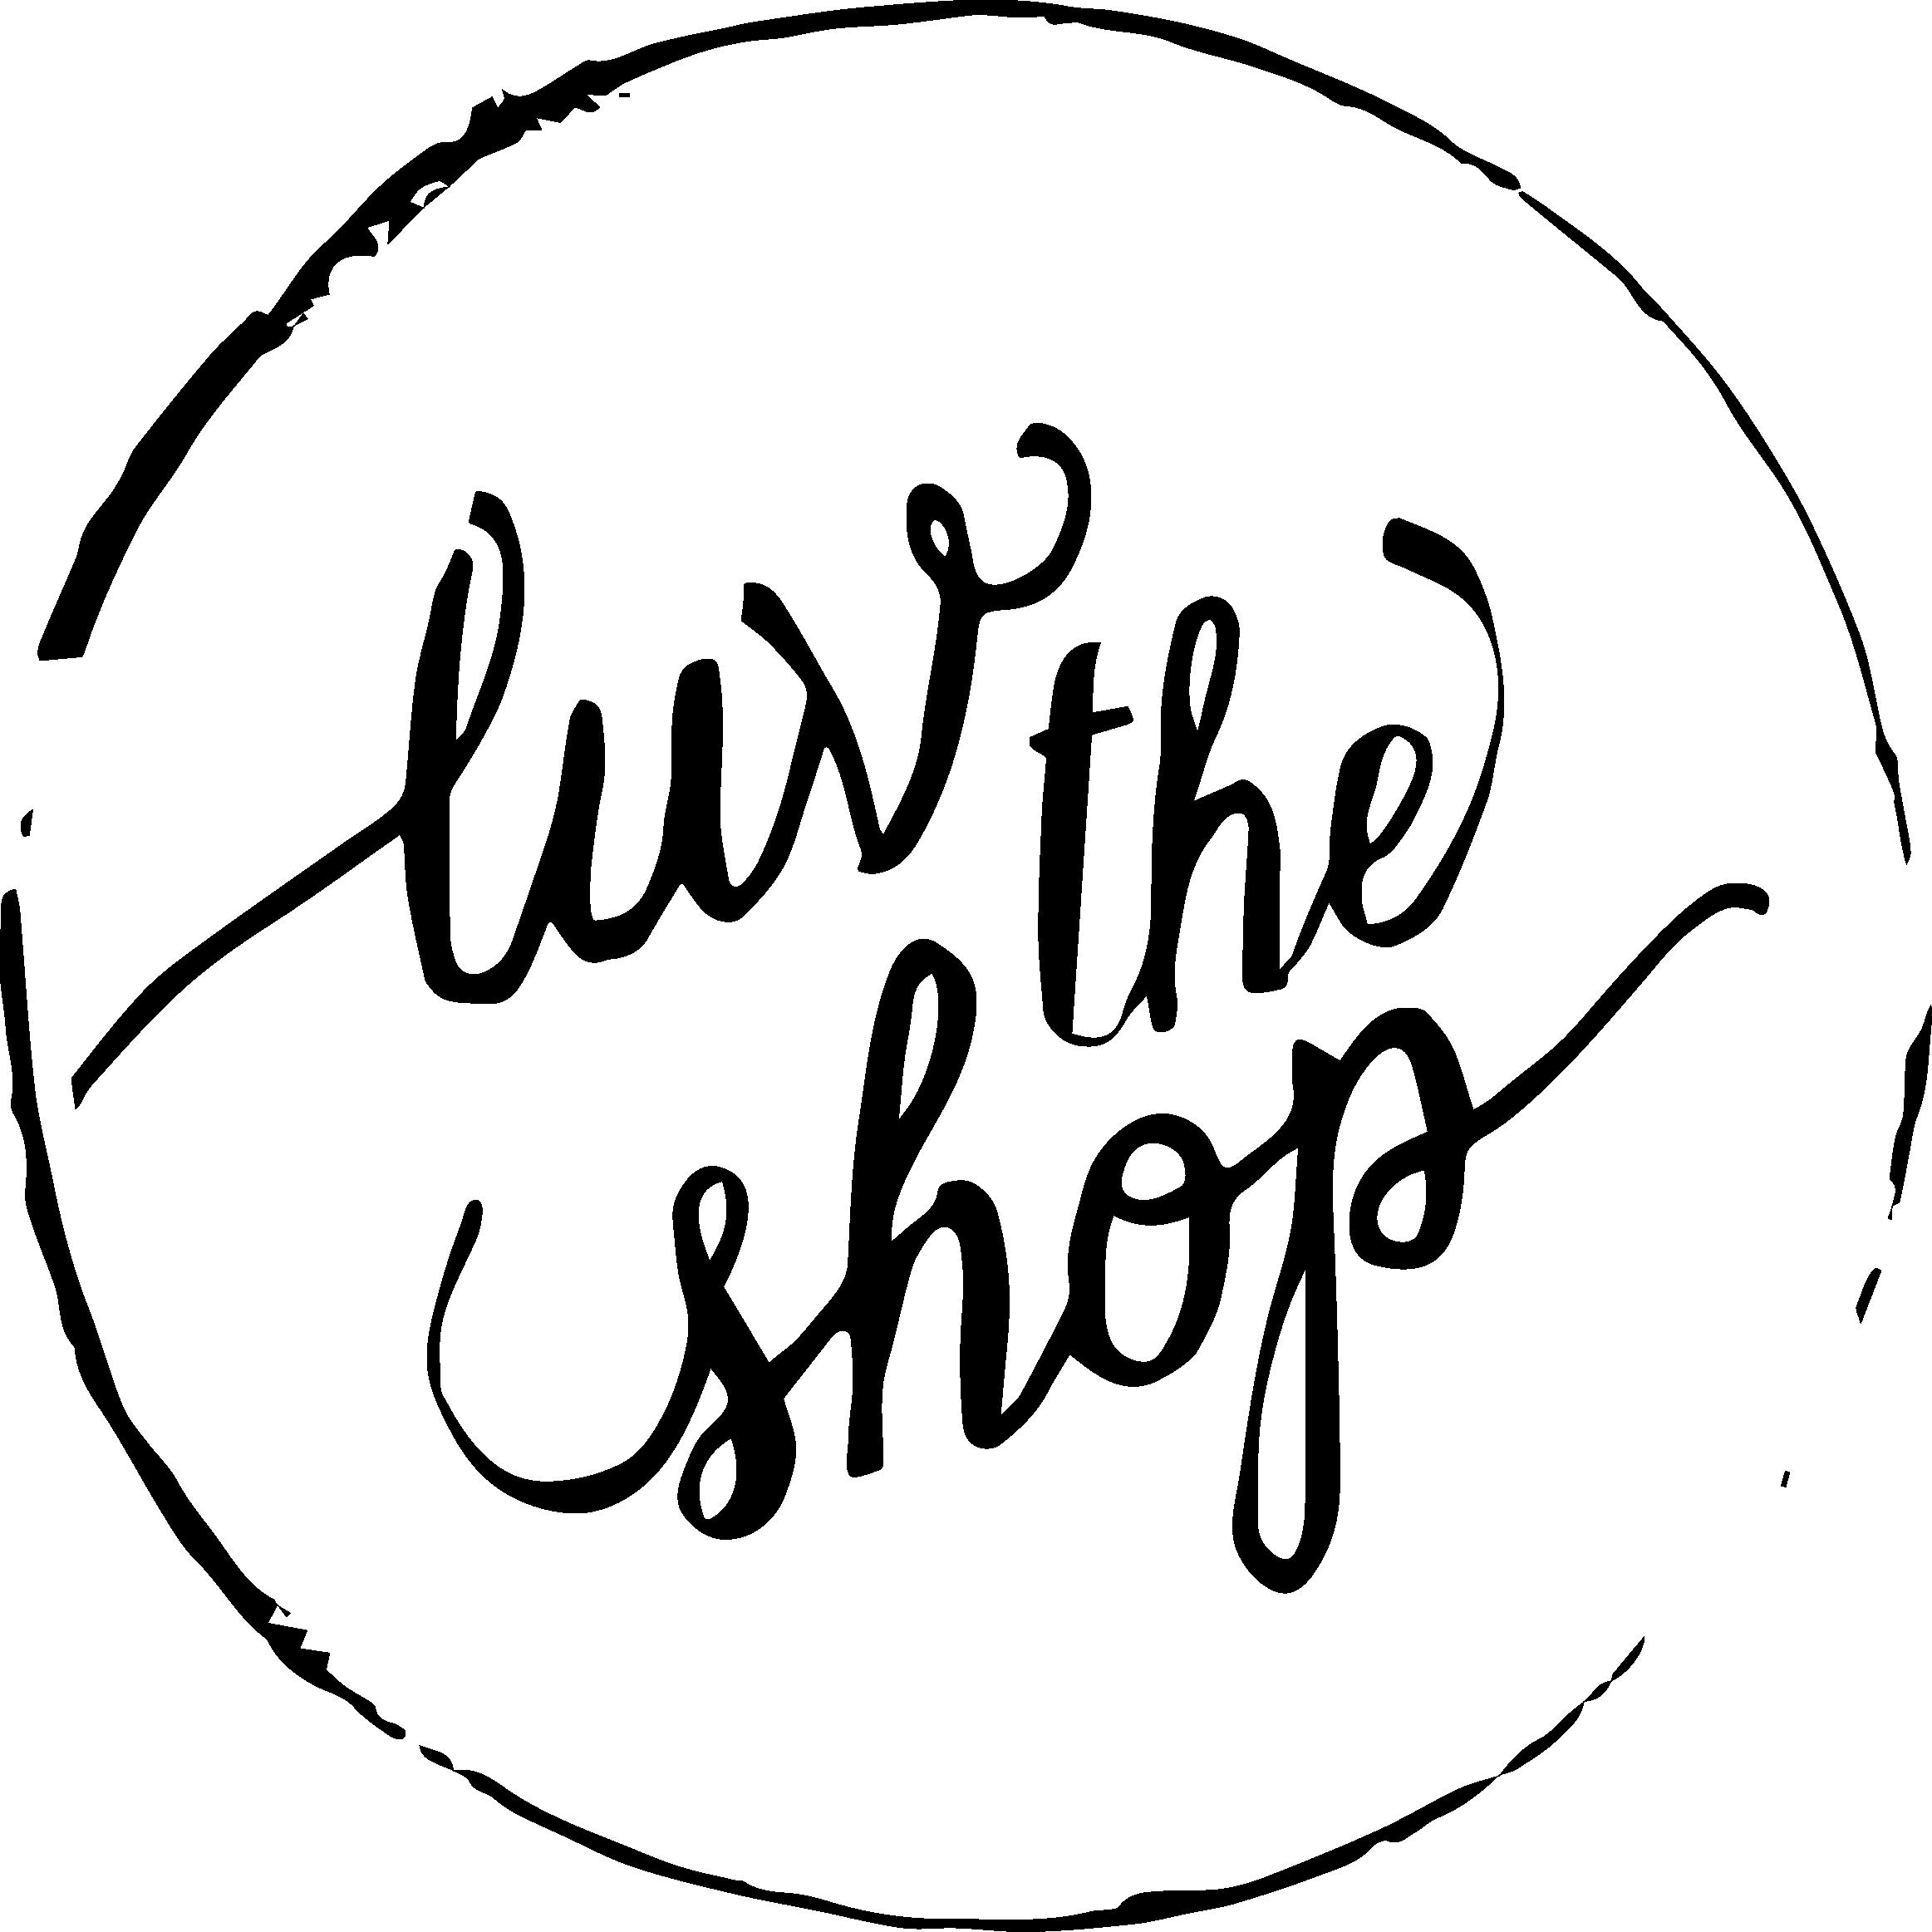 luvtheshop